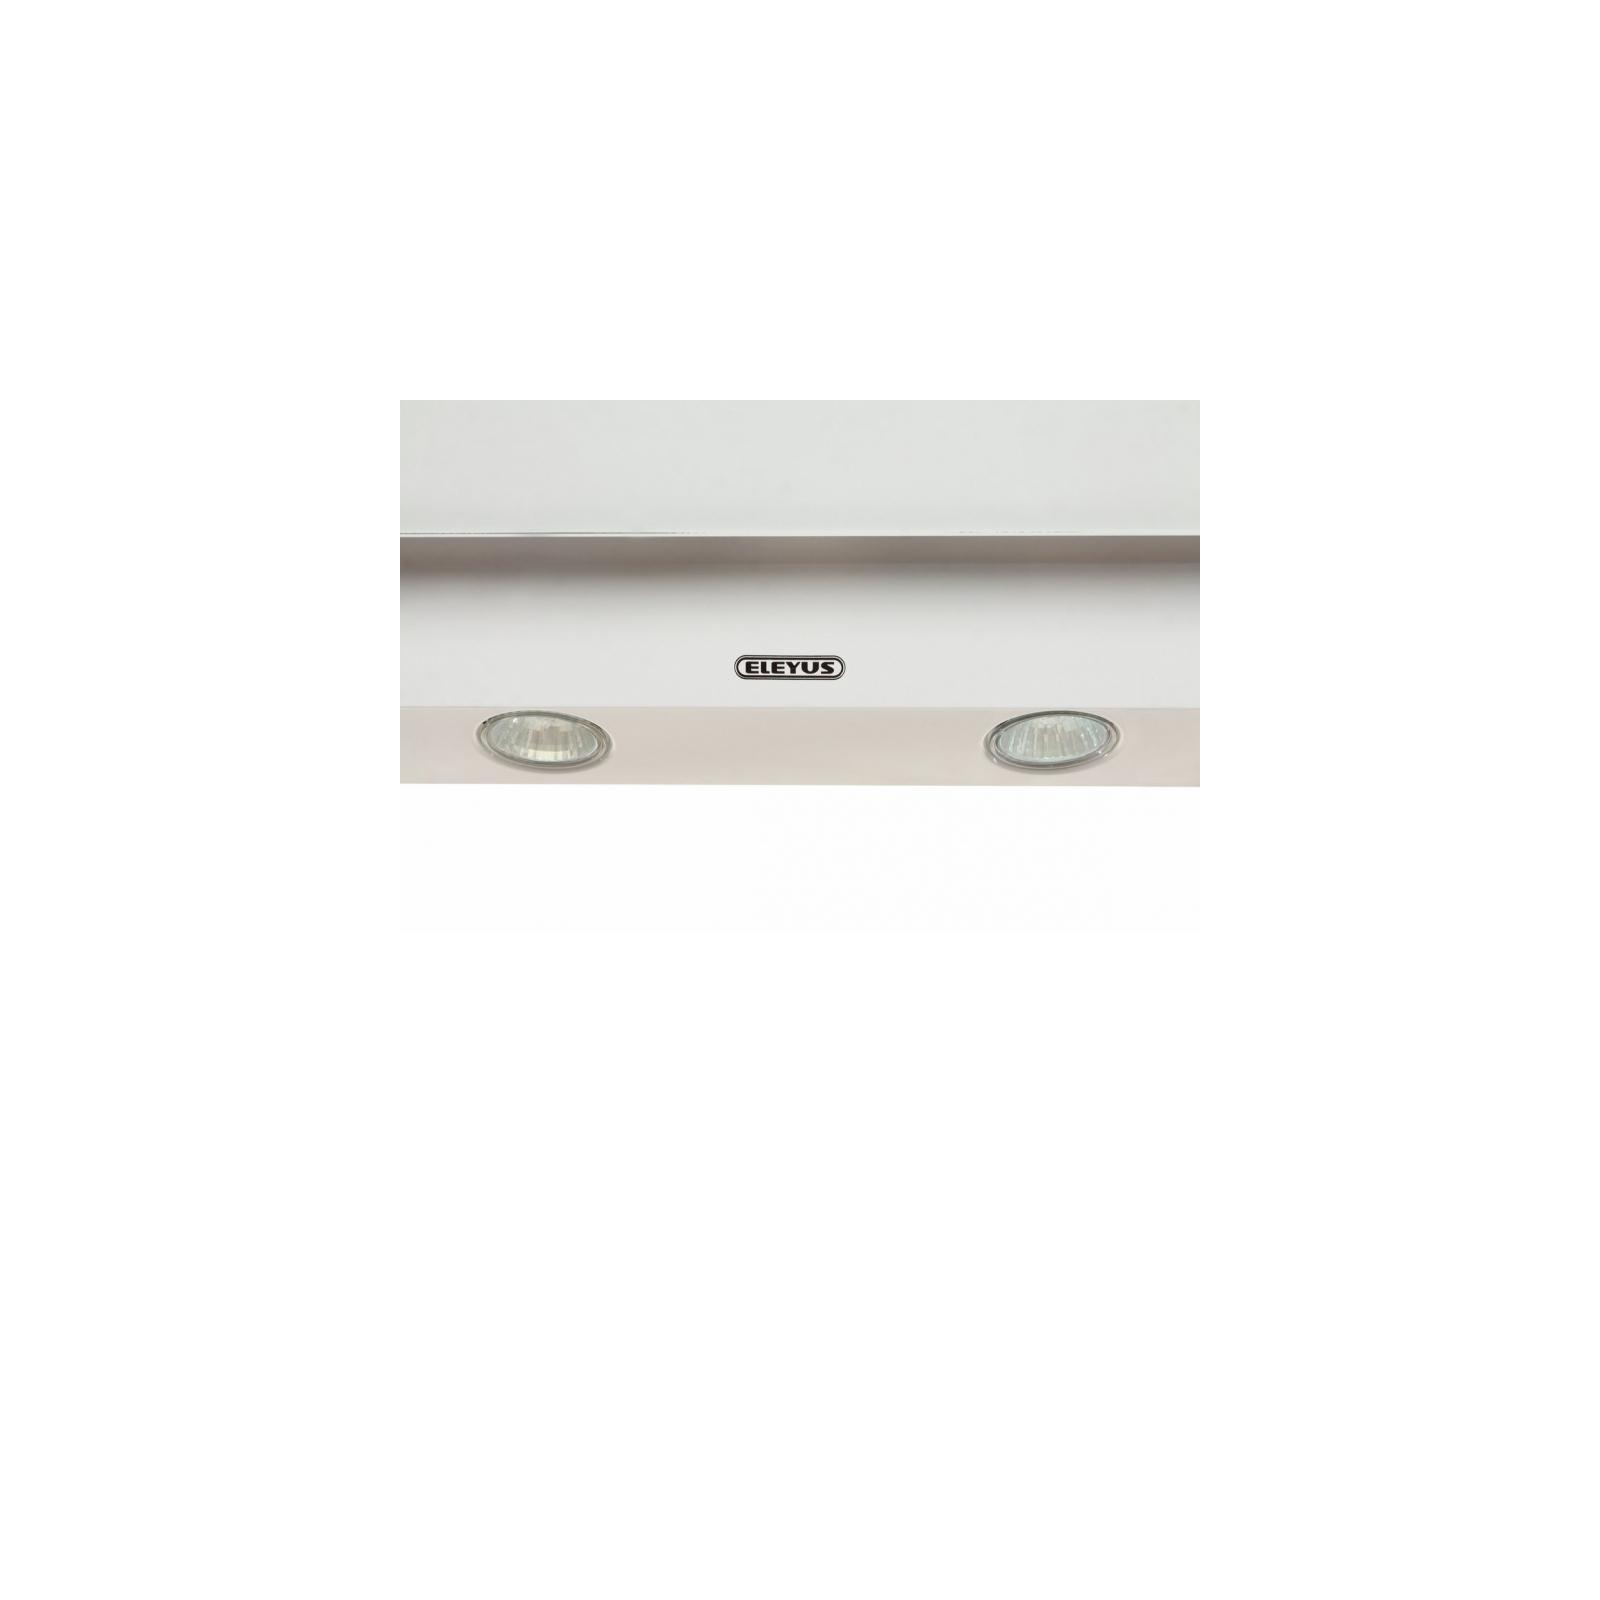 Вытяжка кухонная Eleyus Lana 700 60 IS+BL изображение 5